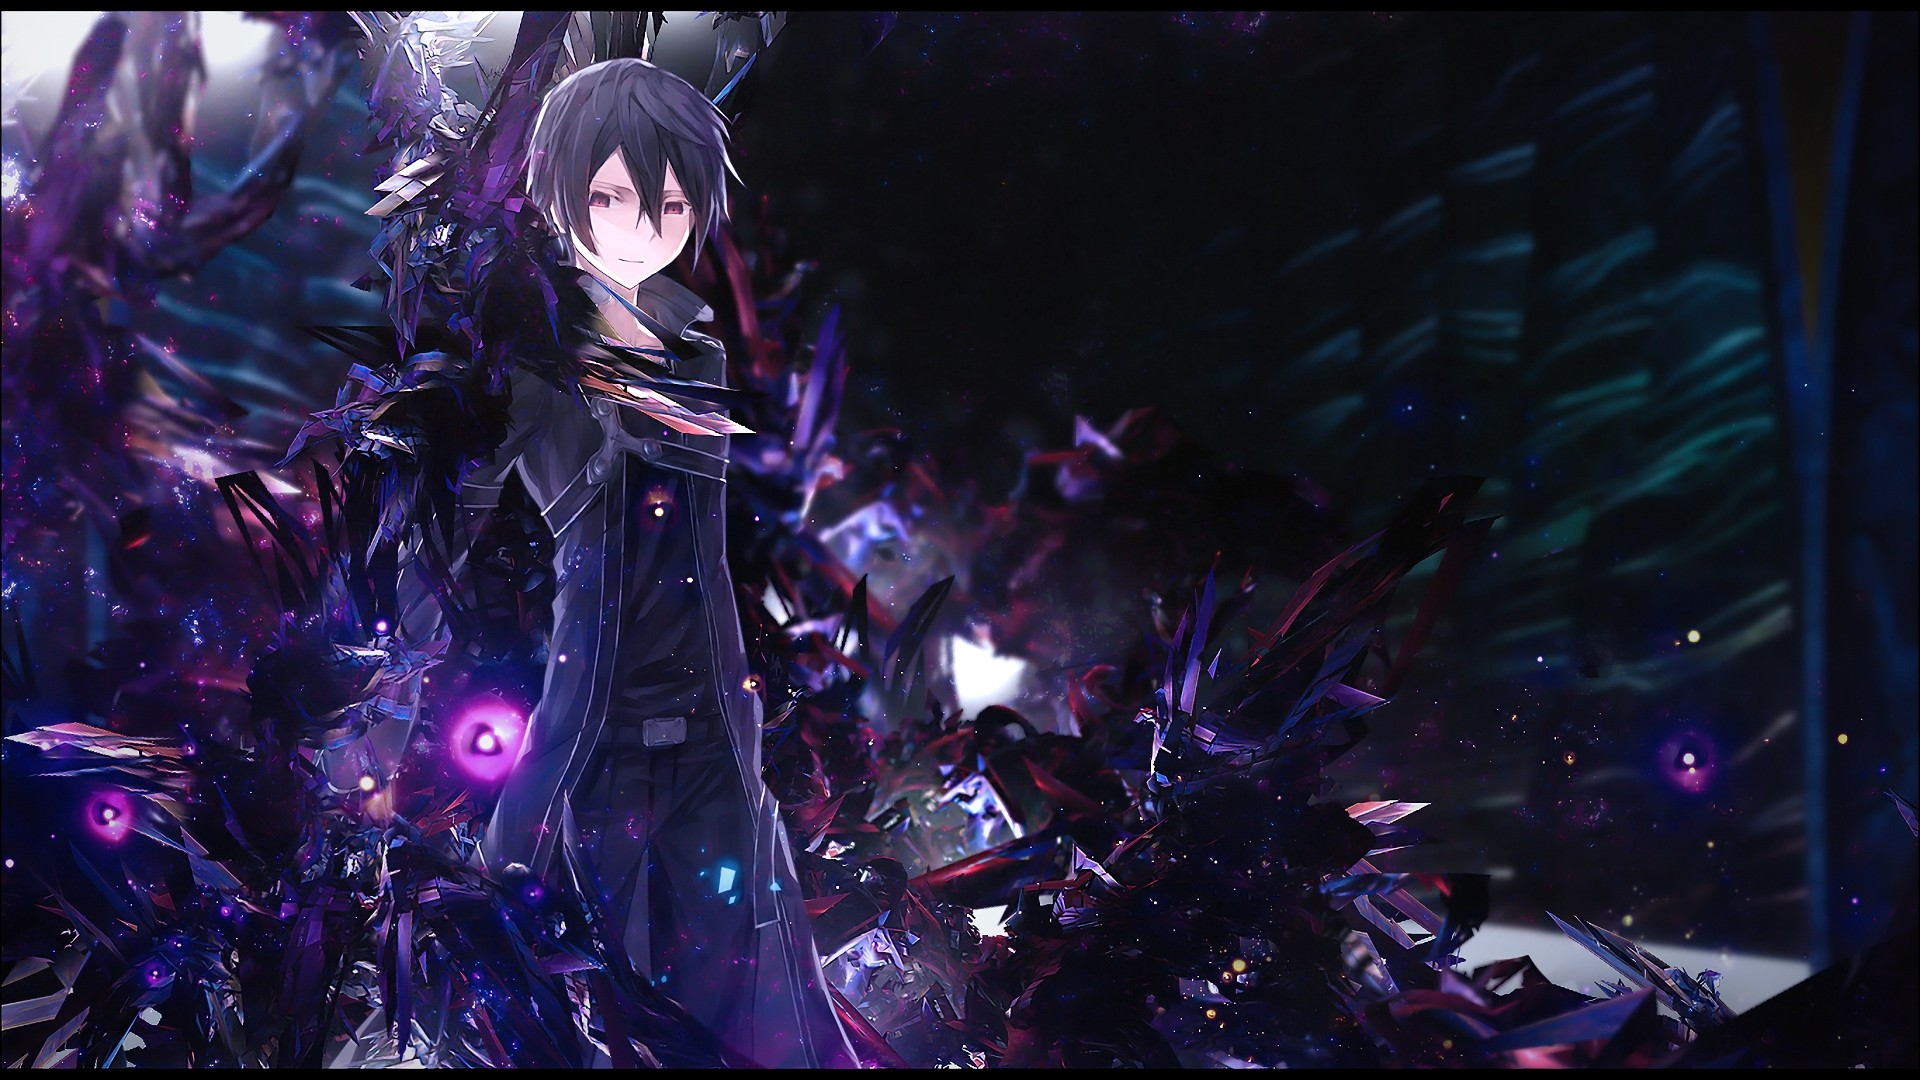 Anime Fanart Full HD Wallpaper